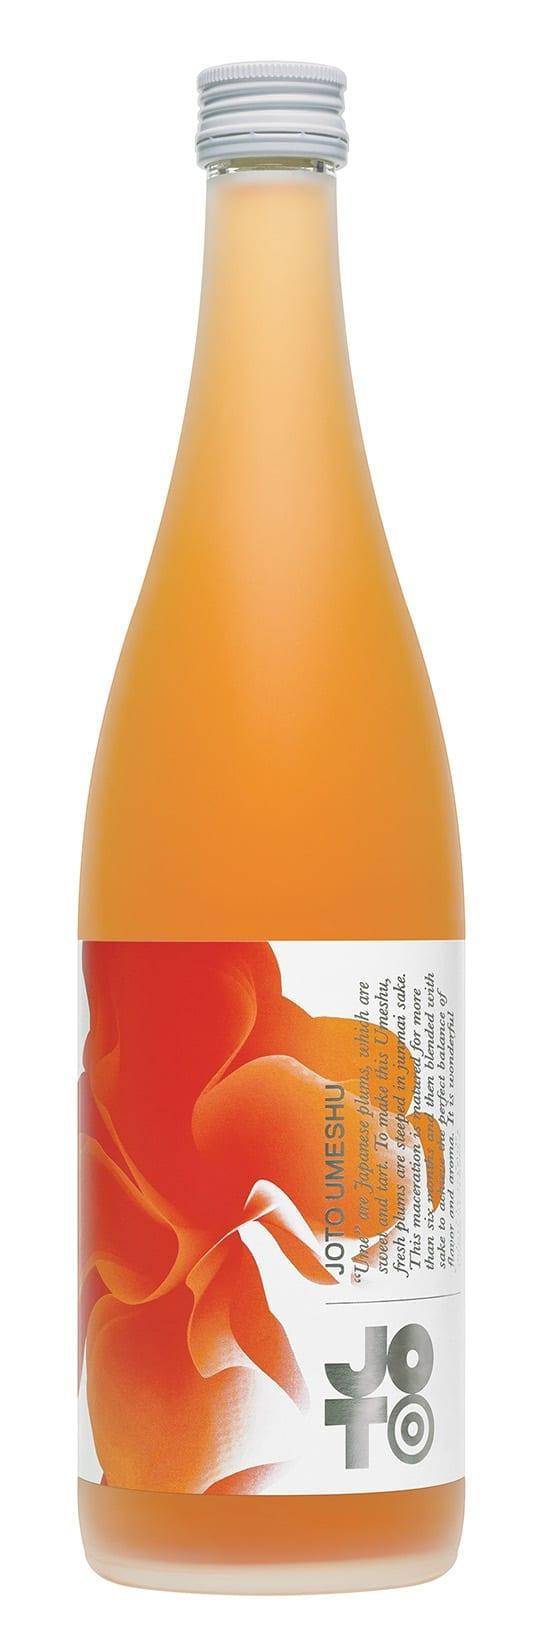 Joto Umeshe, sake bottle